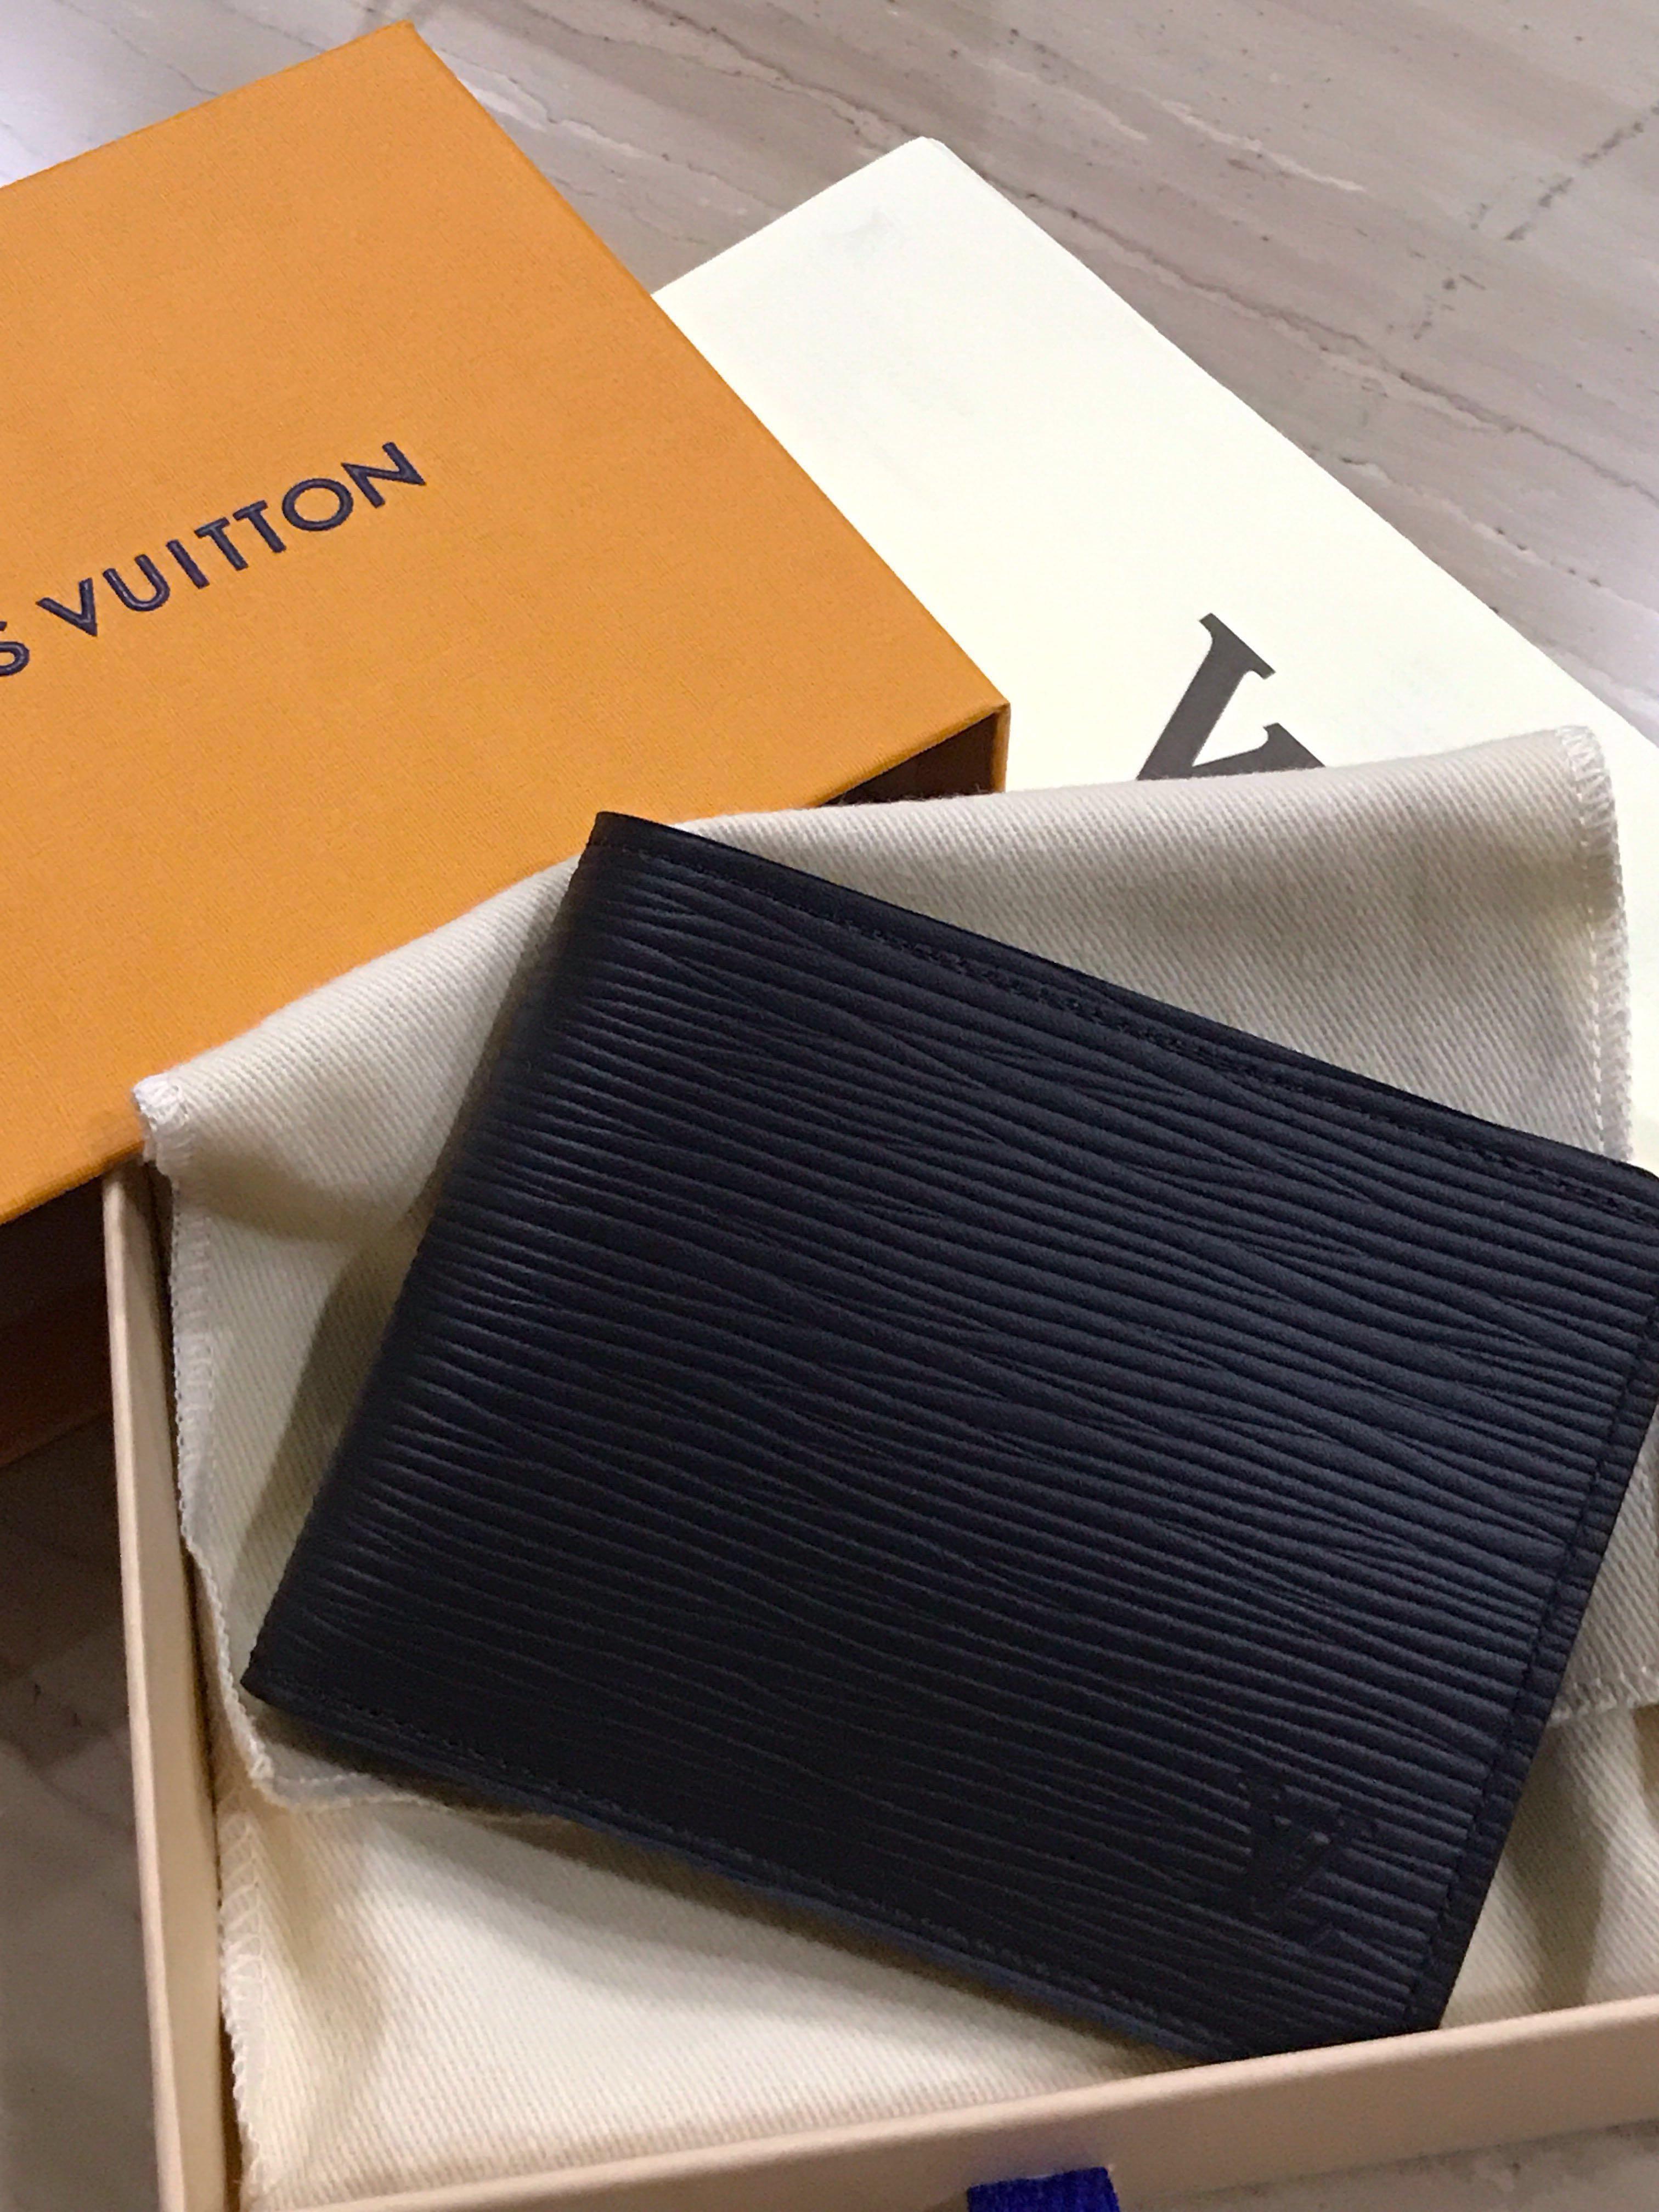 b4d99032e60c LV Men's Wallet Slender (M60332), Luxury, Bags & Wallets, Wallets on  Carousell